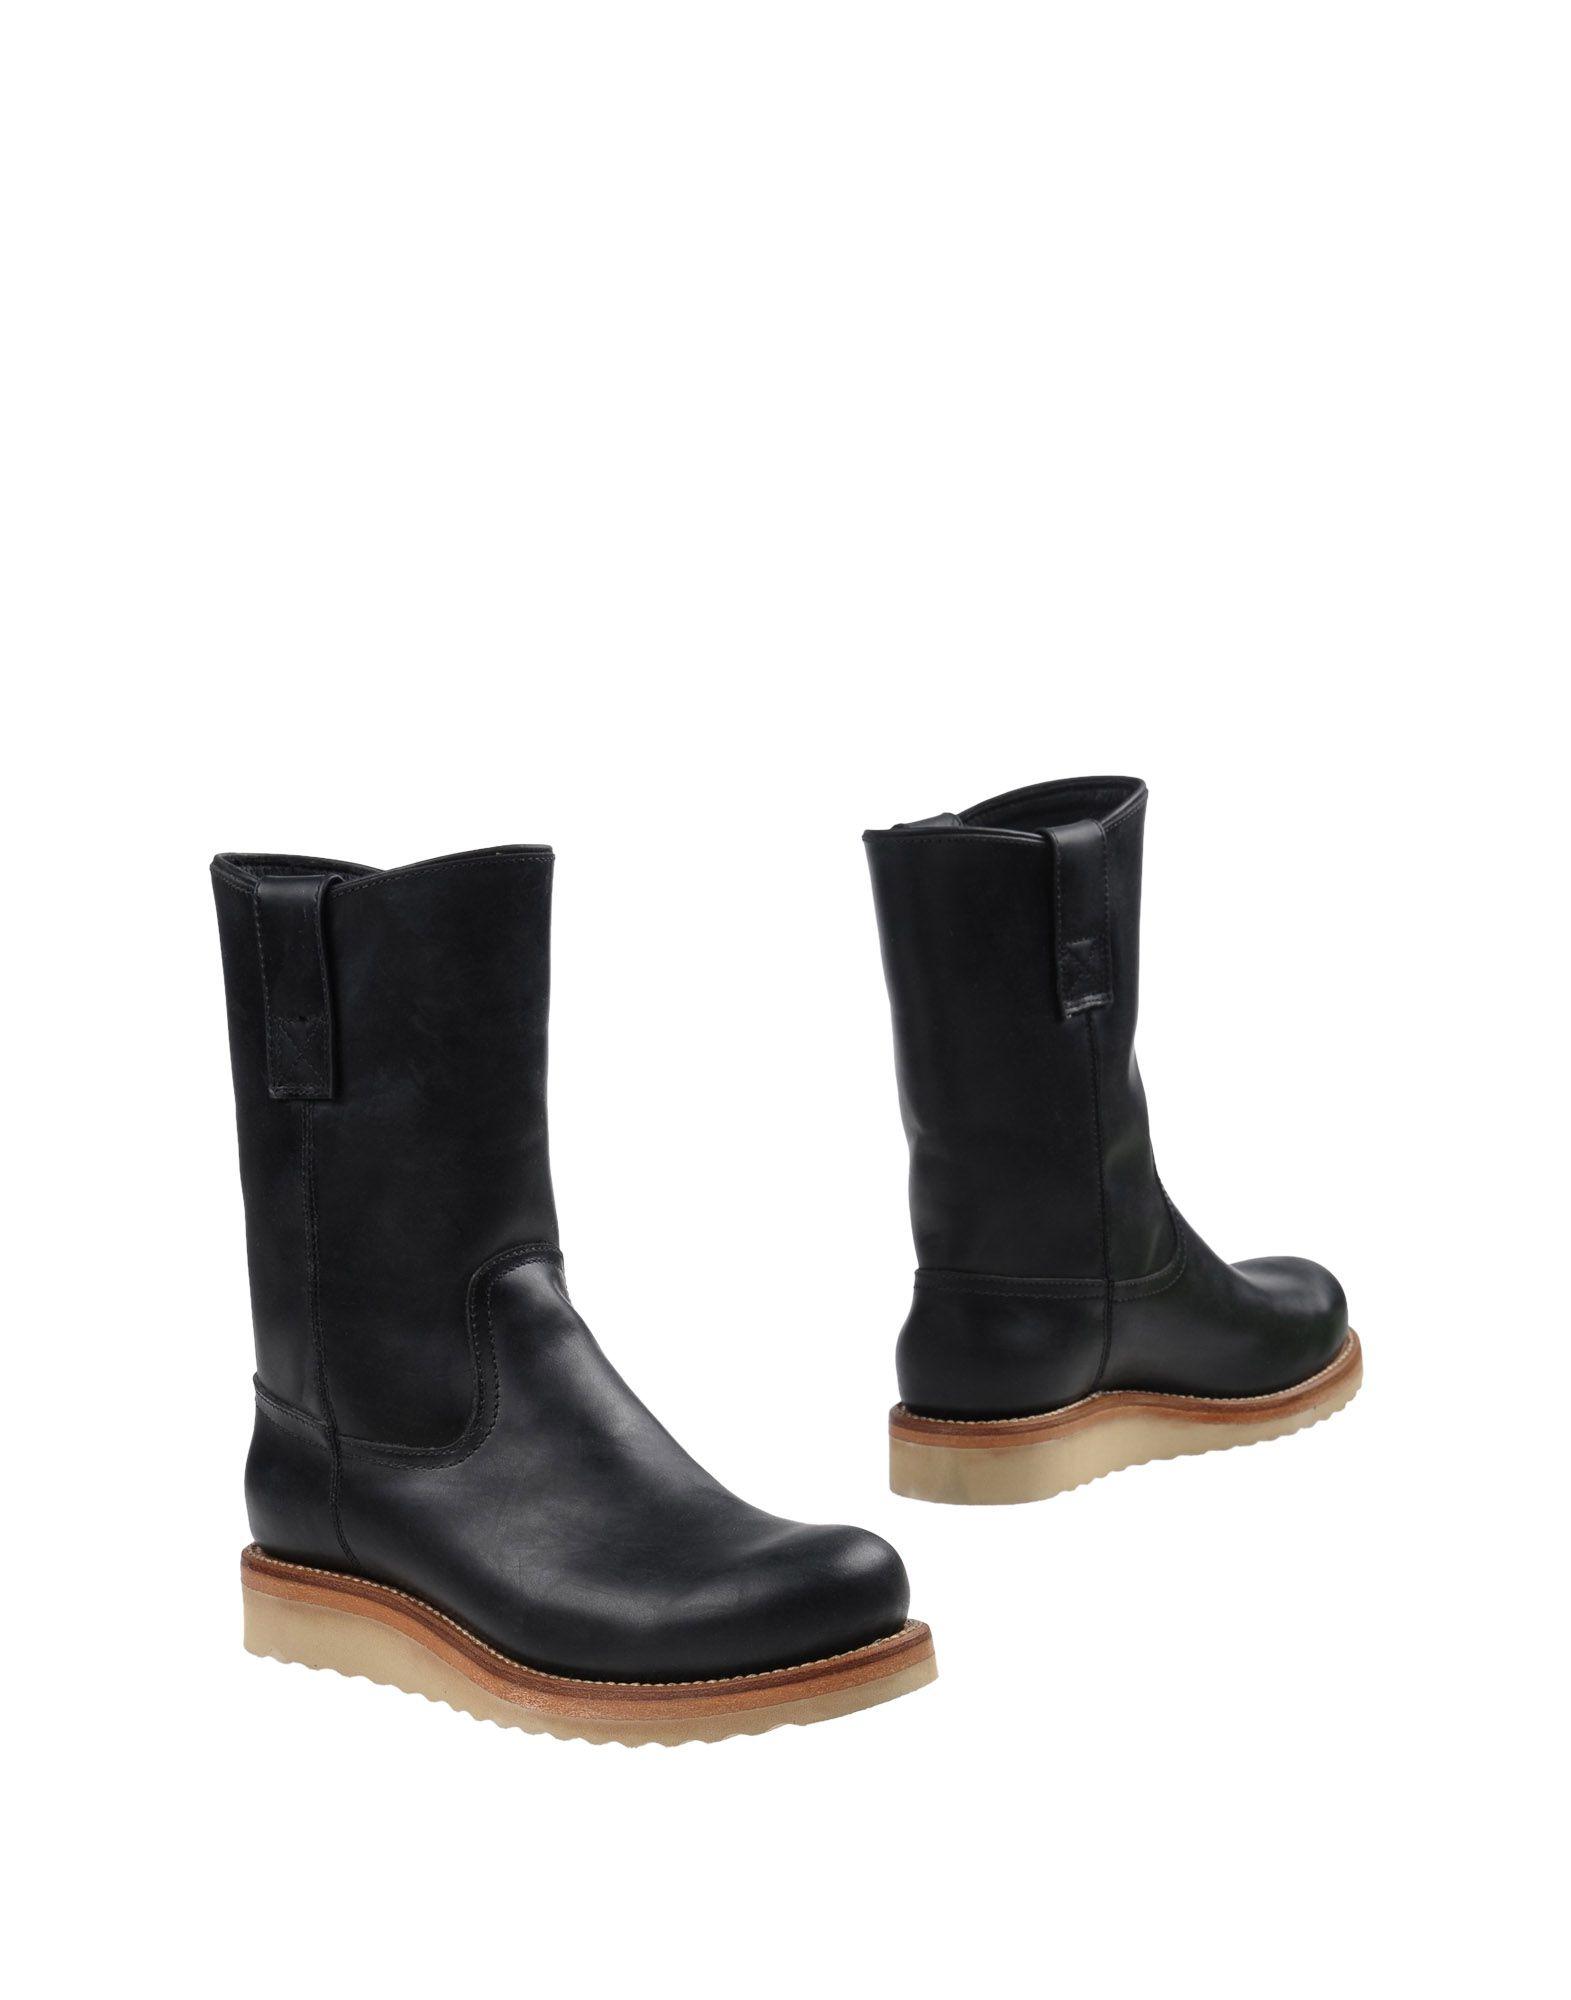 Pantofola D'oro Stiefelette Damen  11339472BU Gute Qualität beliebte Schuhe